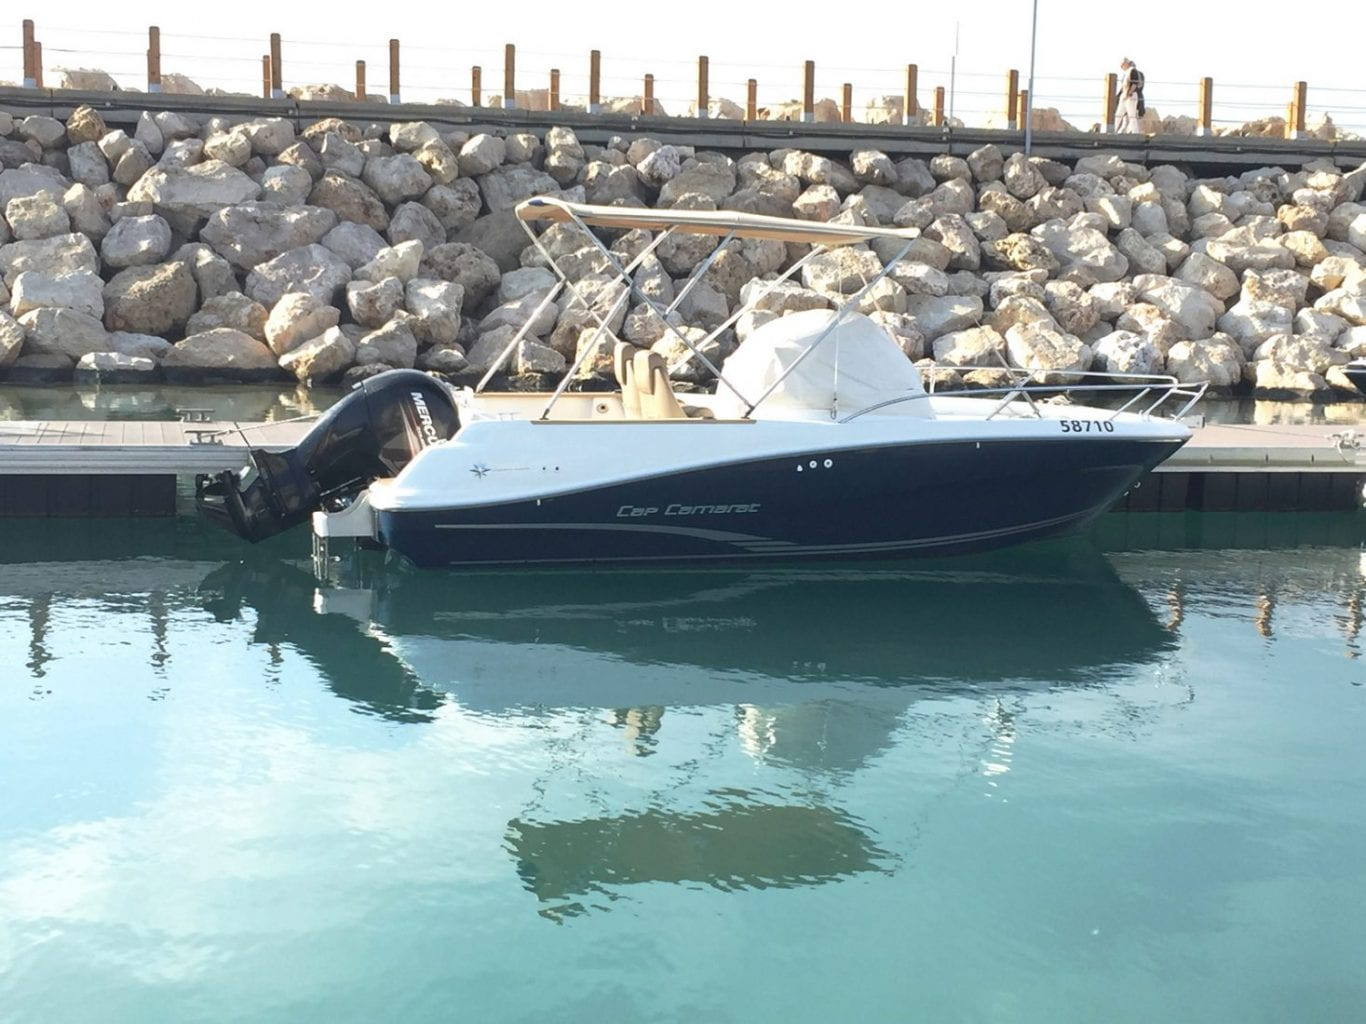 סירת מנוע Jeanneau Cap Camarat 6.5WA יד שניה - סטרים יאכטות